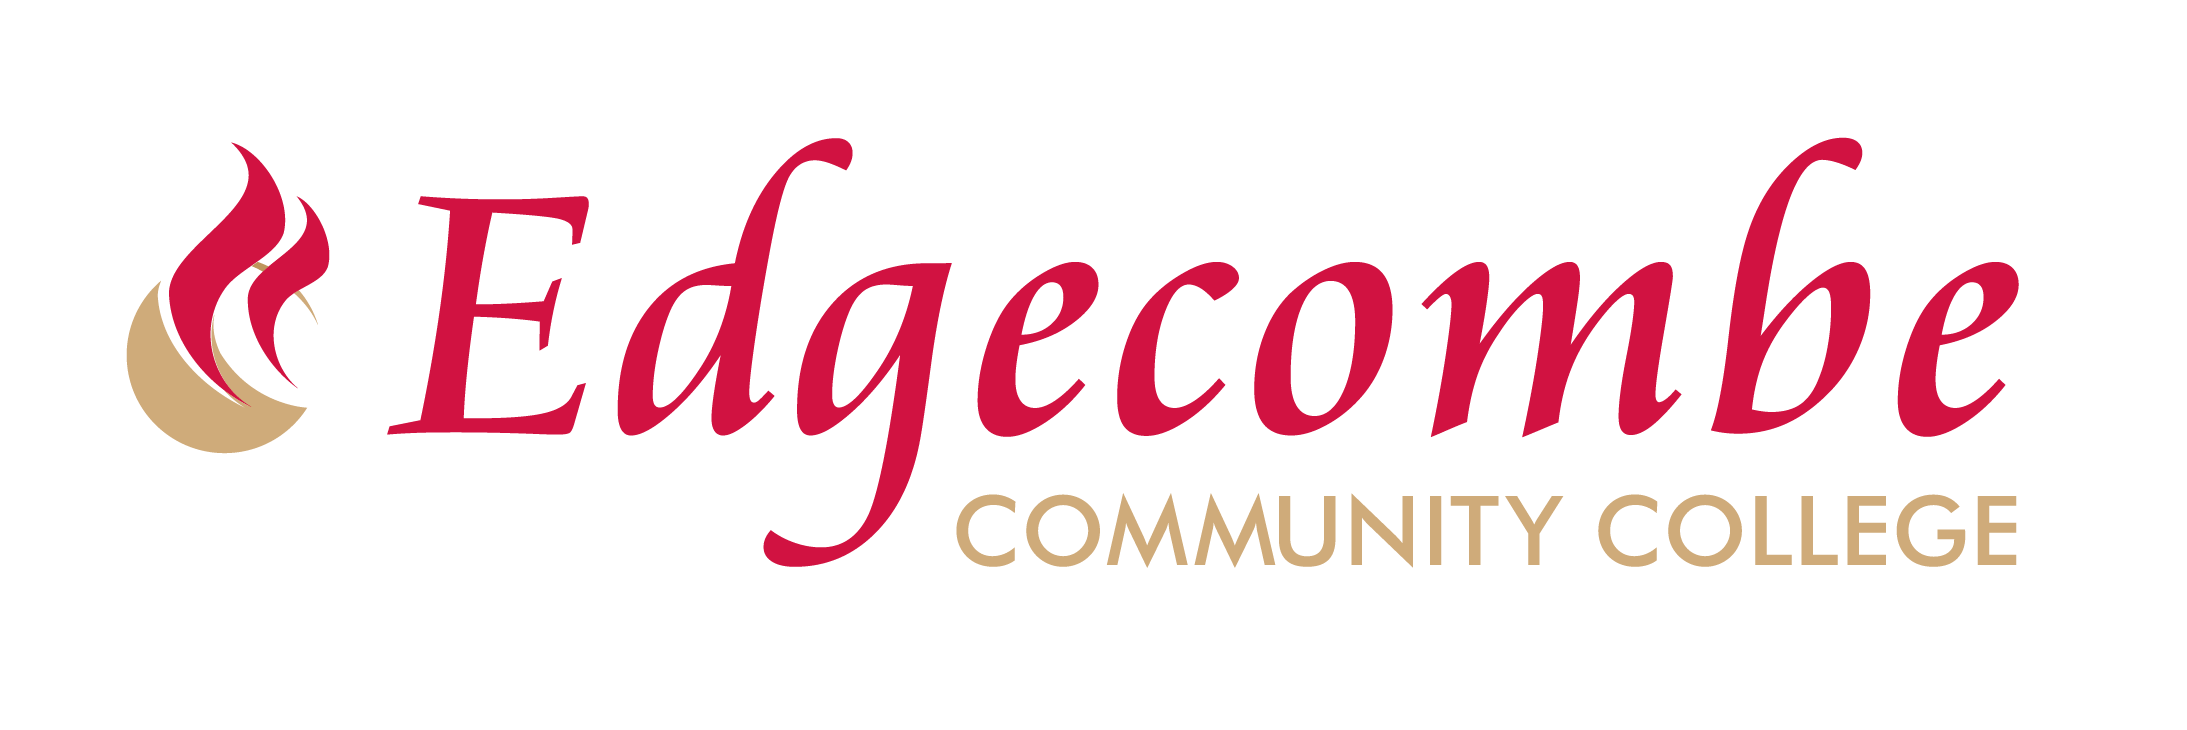 8 edgecombecc